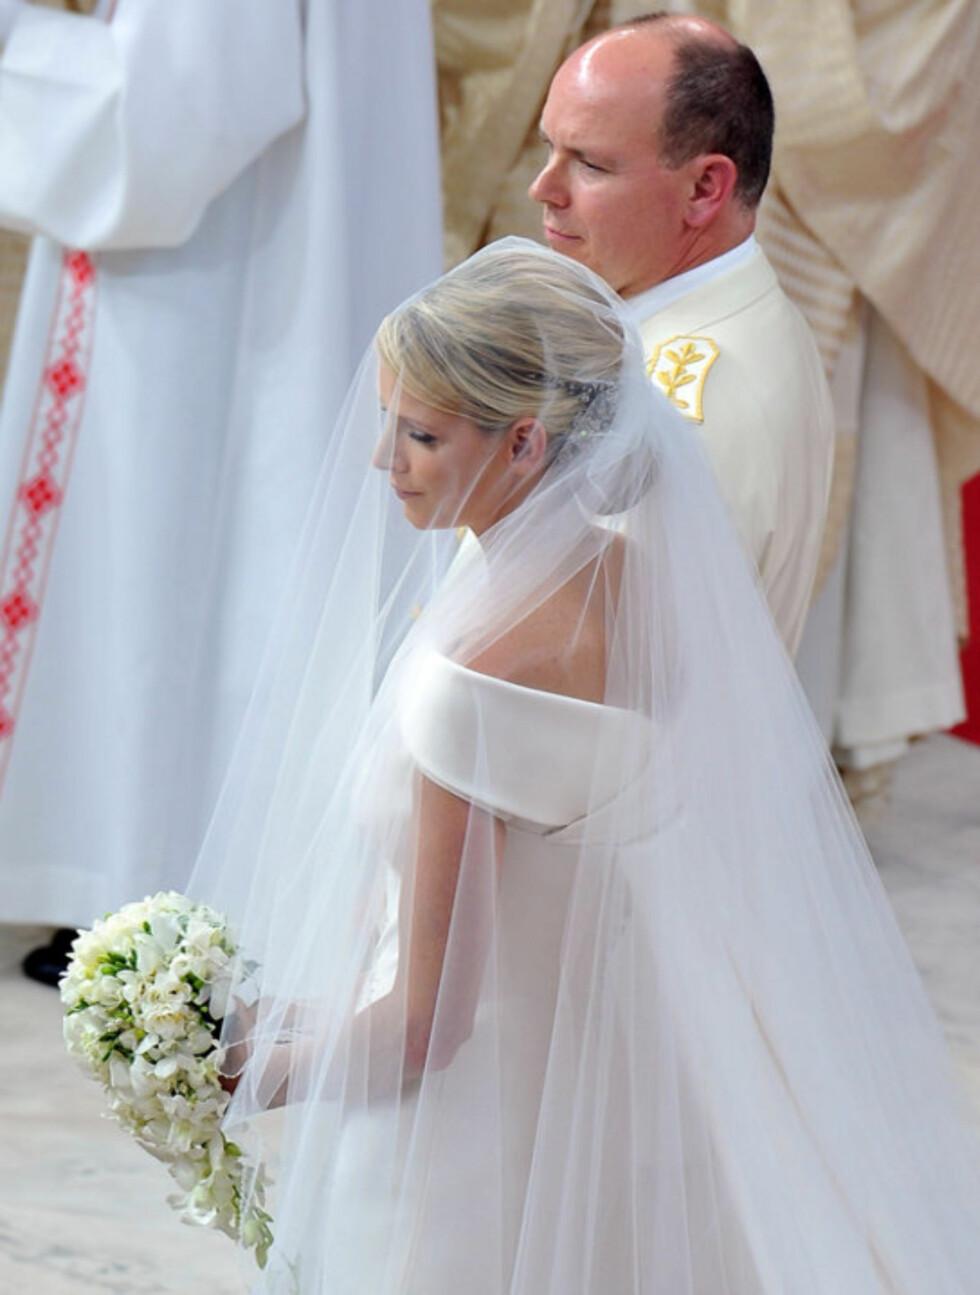 <strong>DYSTER:</strong> Bruden var slående vakker, men alvorlig gjennom store deler av vielsen. Mens fyrst Albert forsøkte å sende Charlene små smil og blikk, stirret hun stort sett stivt fremfor seg.  Foto: All Over Press